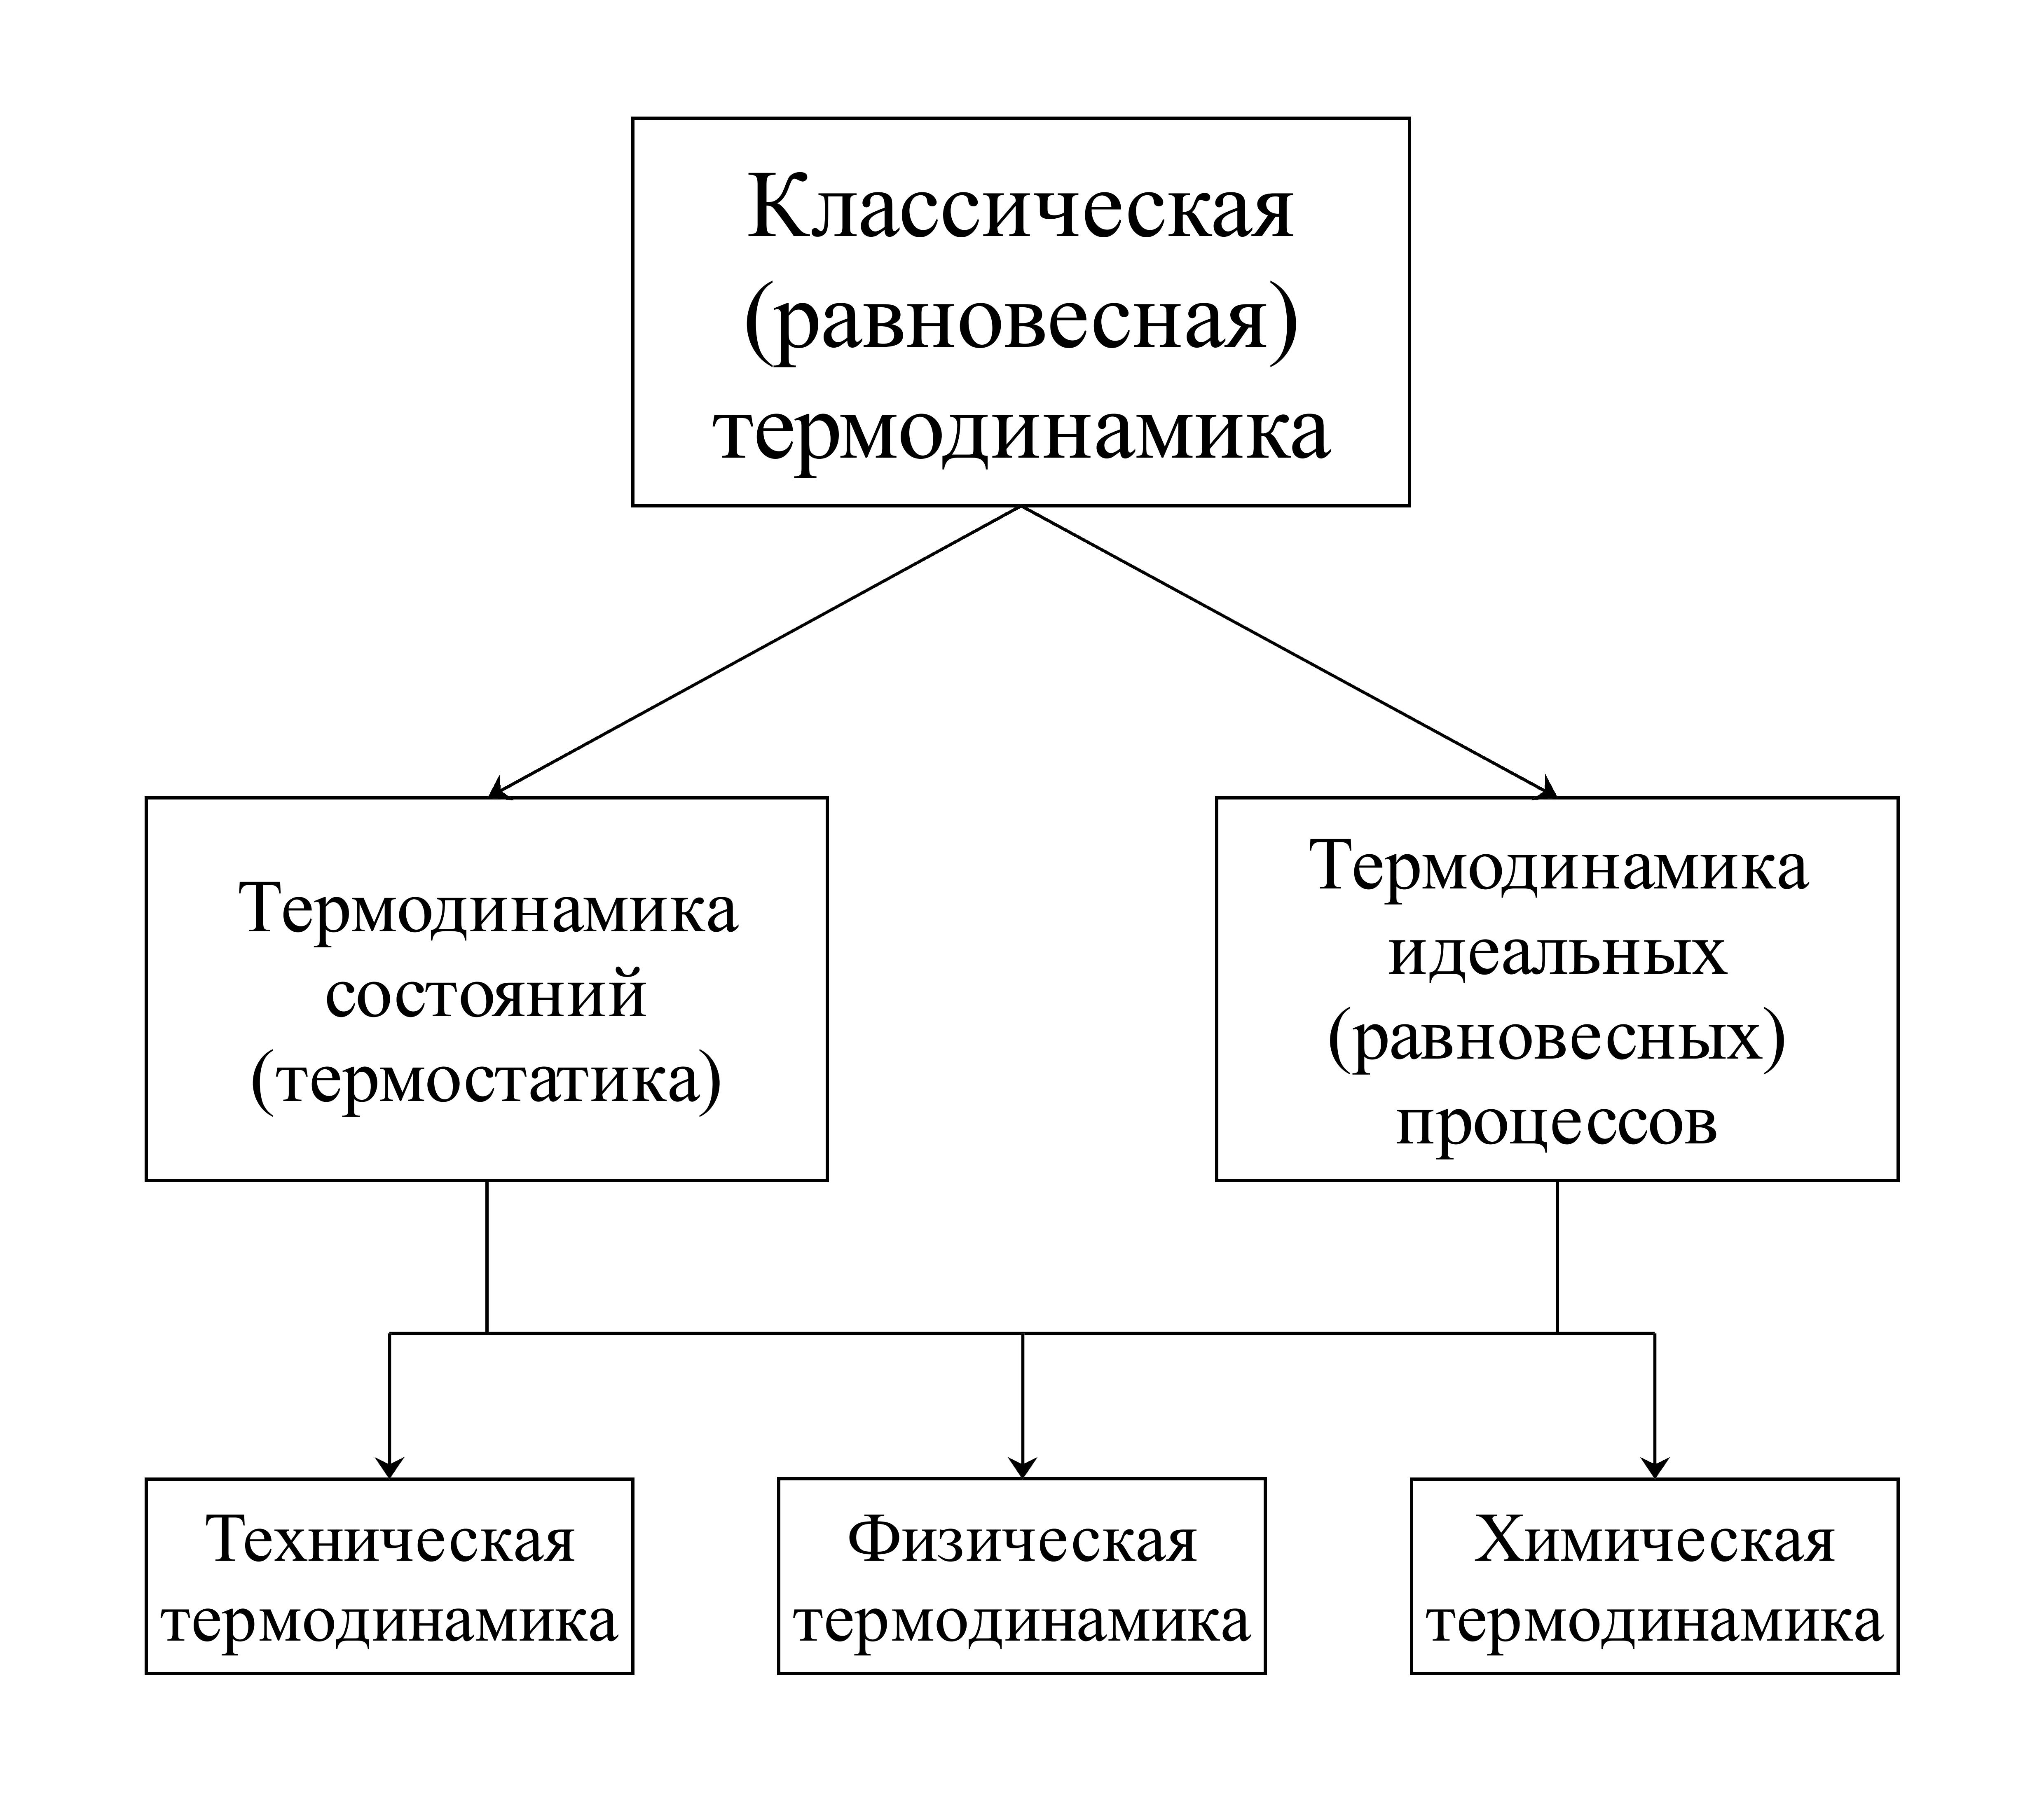 Процесс гей люссака равновесный или неравновесный